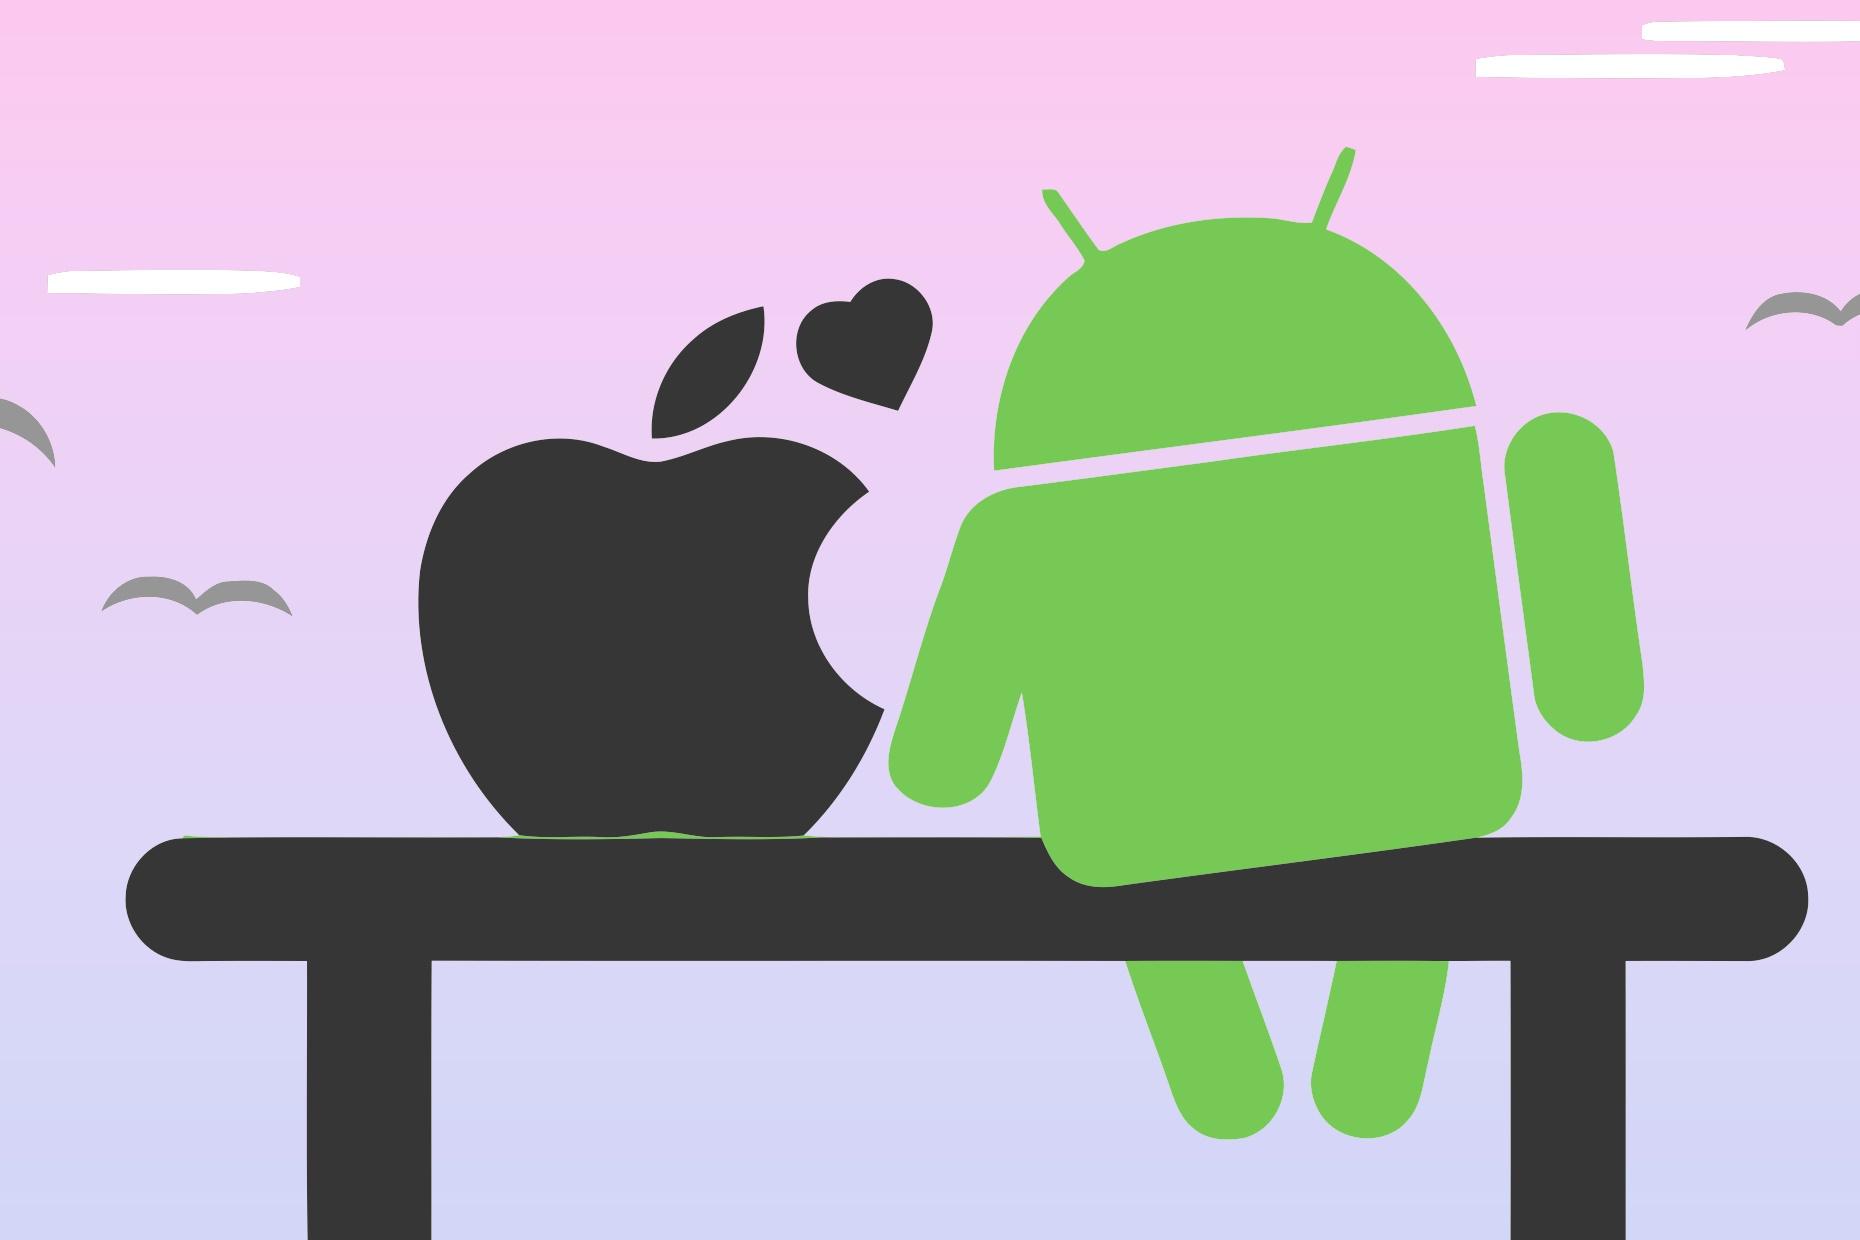 Imagem de Android x iOS: 7 diferenças básicas na criação de apps [infográfico] no tecmundo